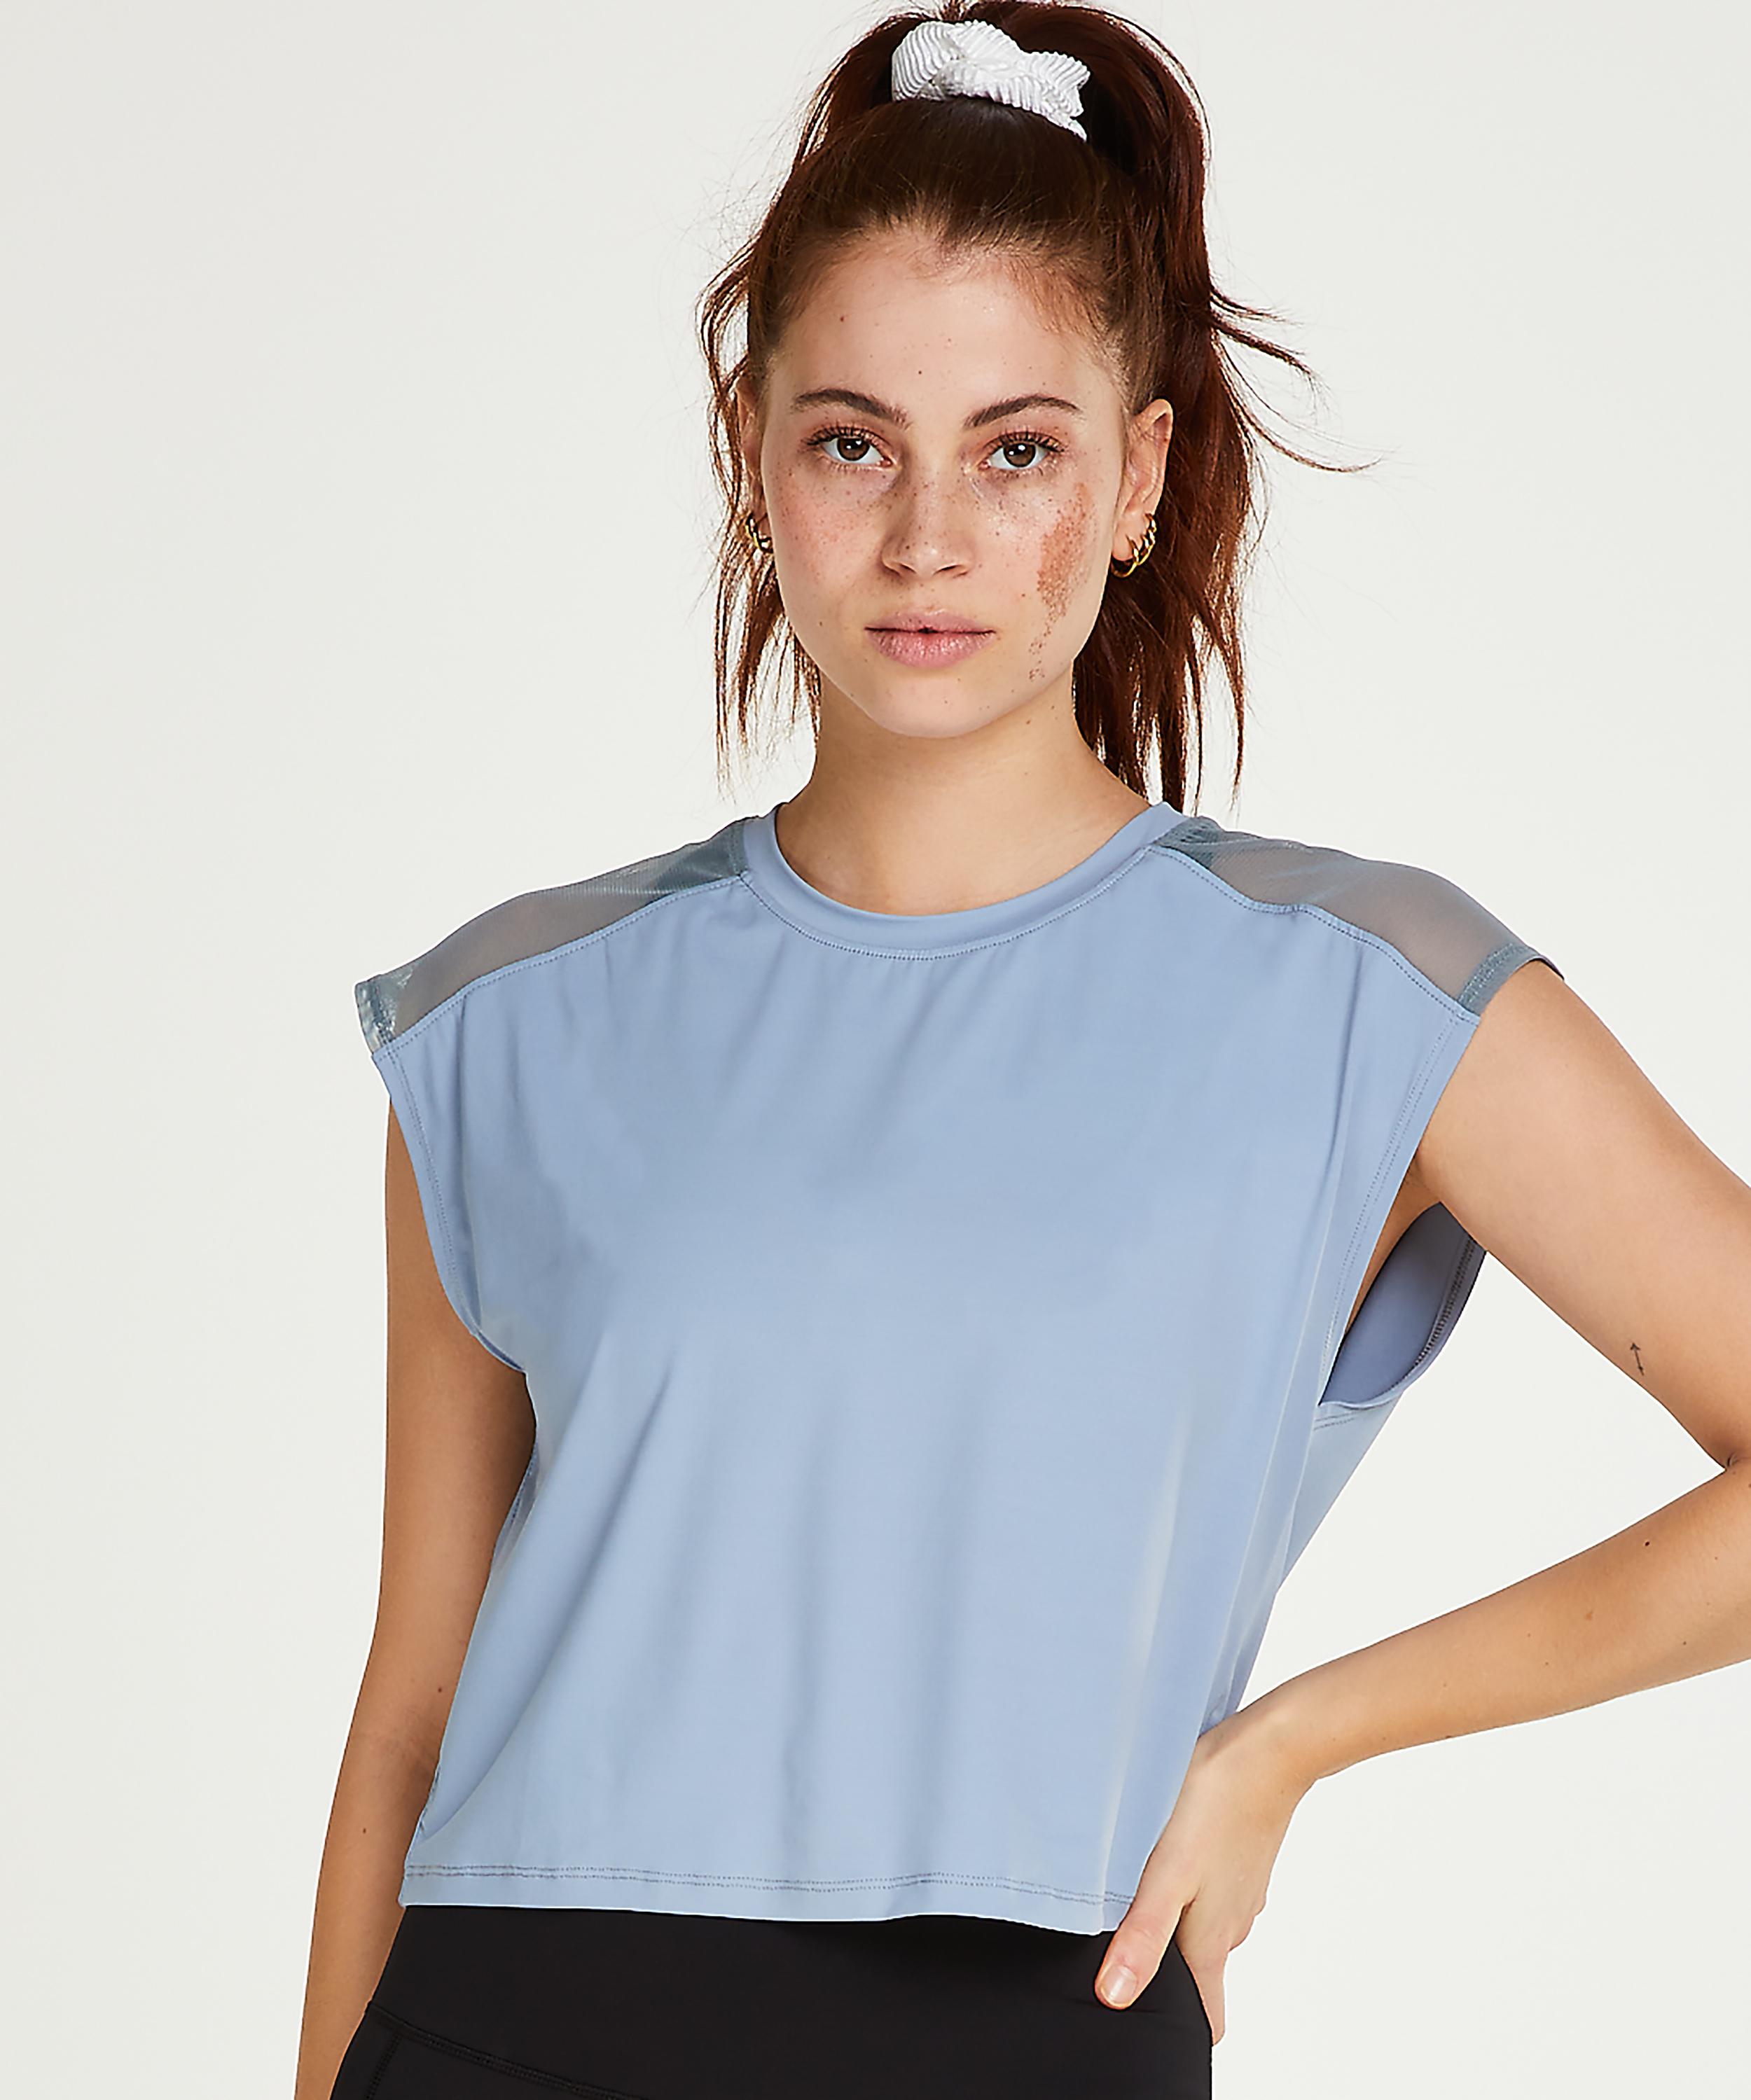 HKMX Sport t-shirt Joya, Blauw, main